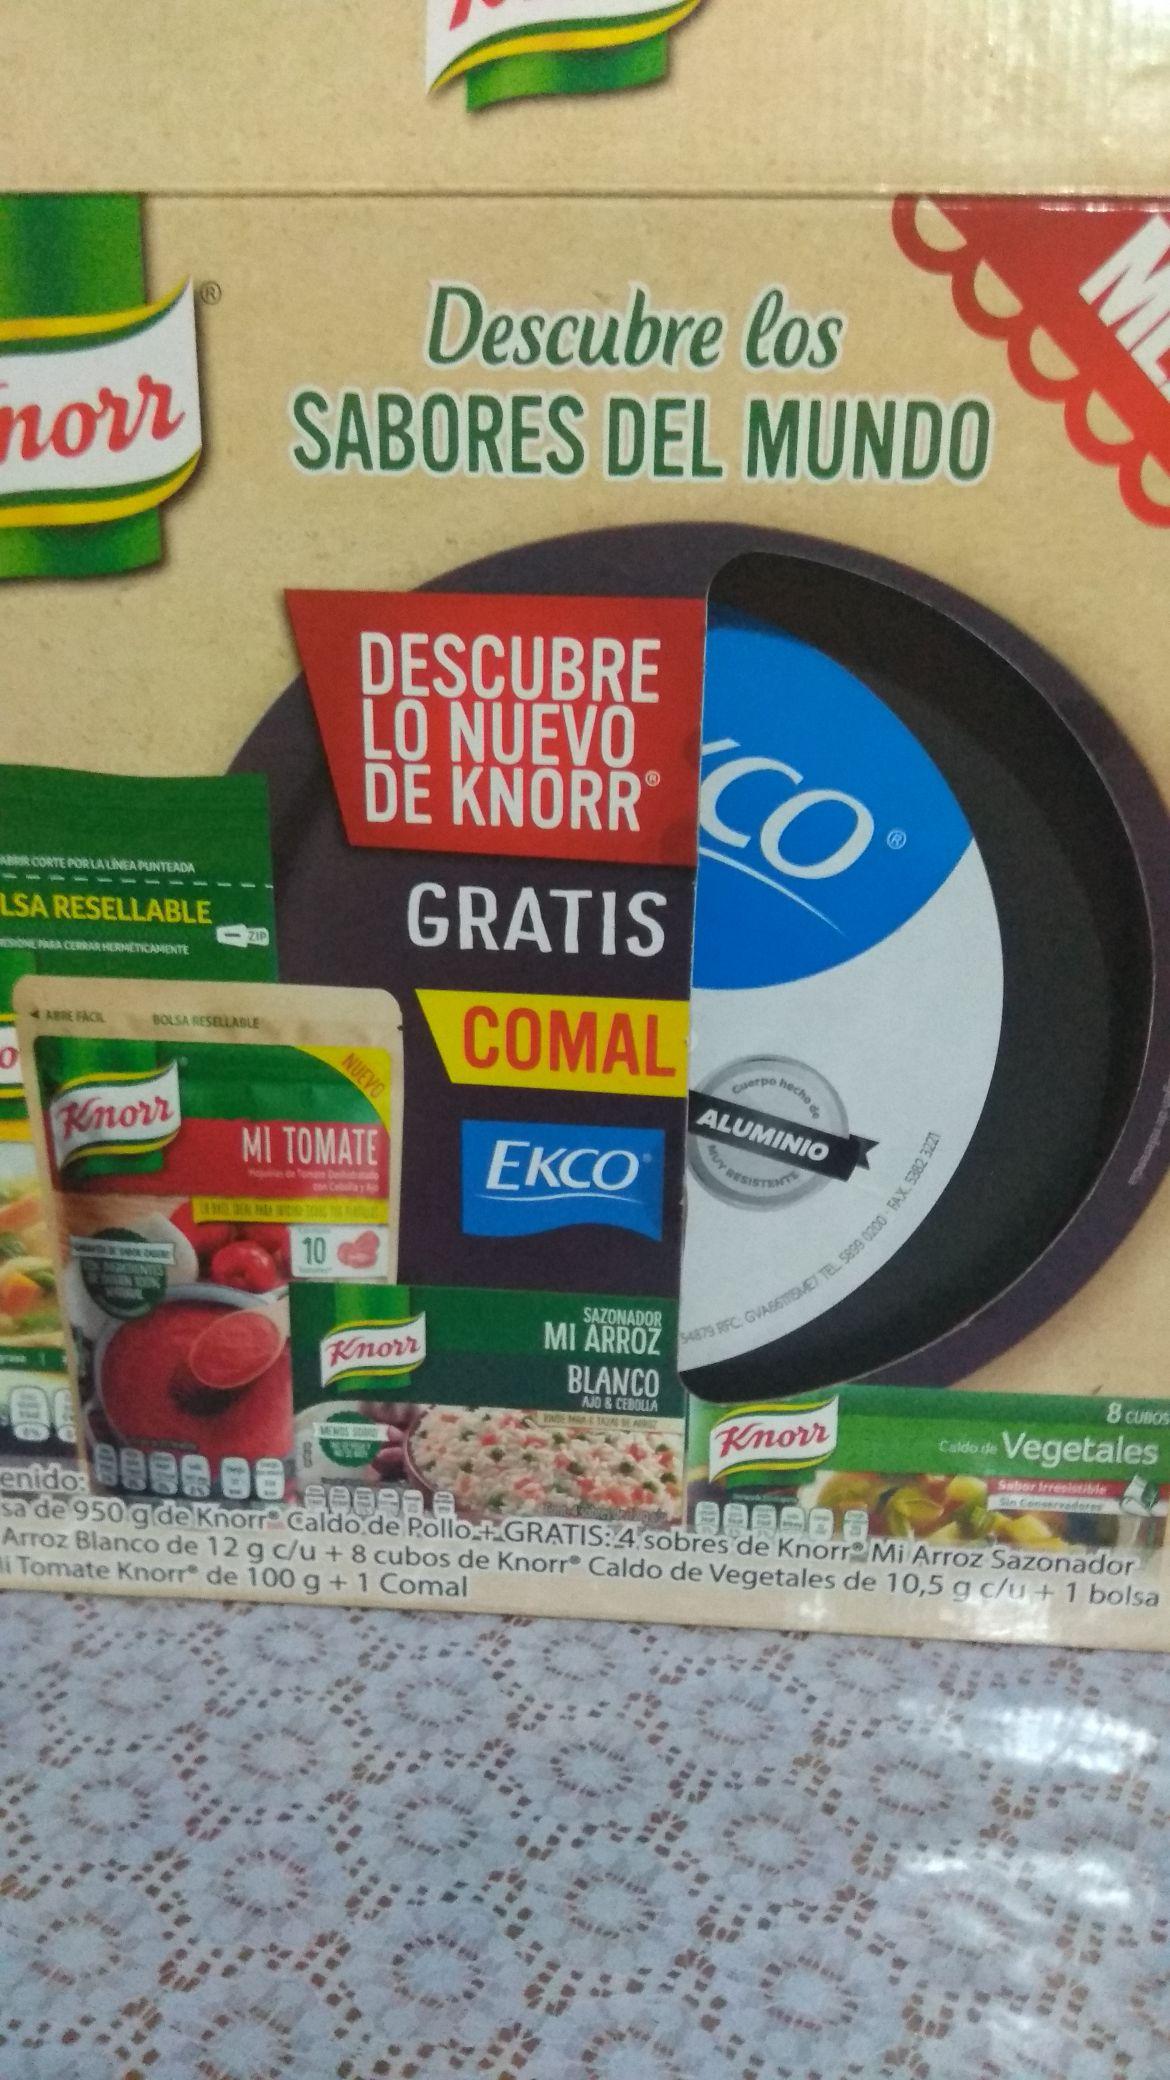 Bodega Aurrera: Caldo de pollo Knor 950g + Comal Ekco y más